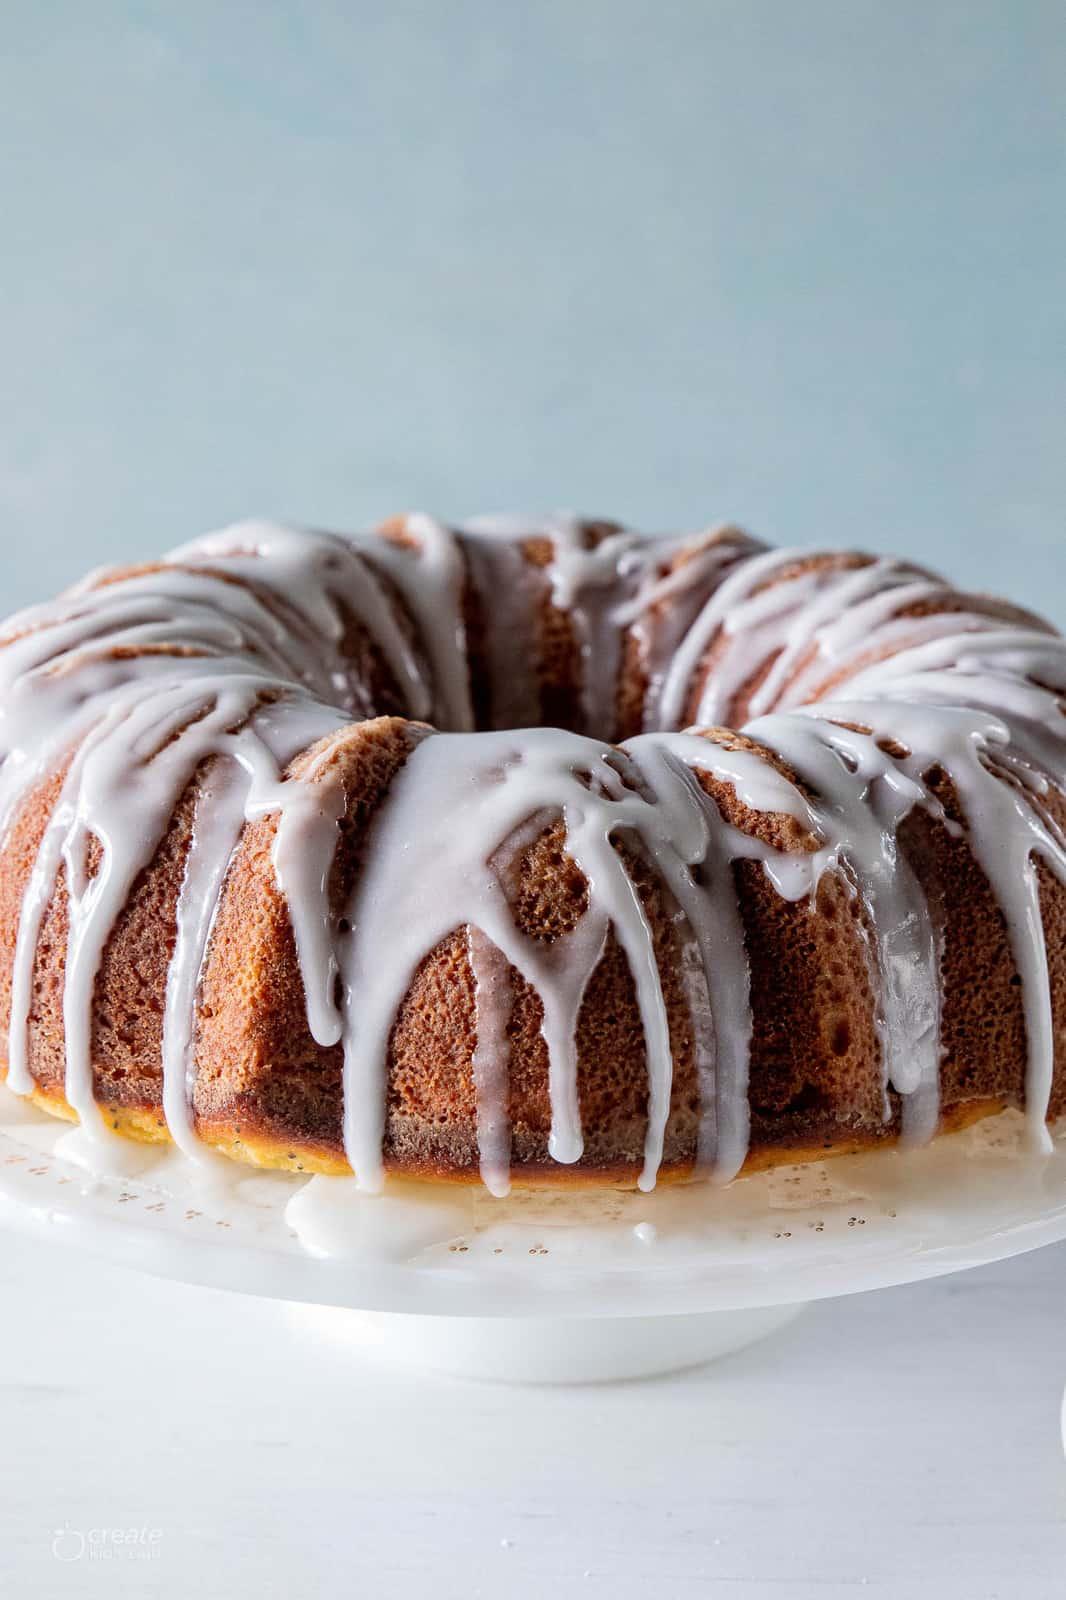 lemon poppyseed bundt cake drizzled with icing